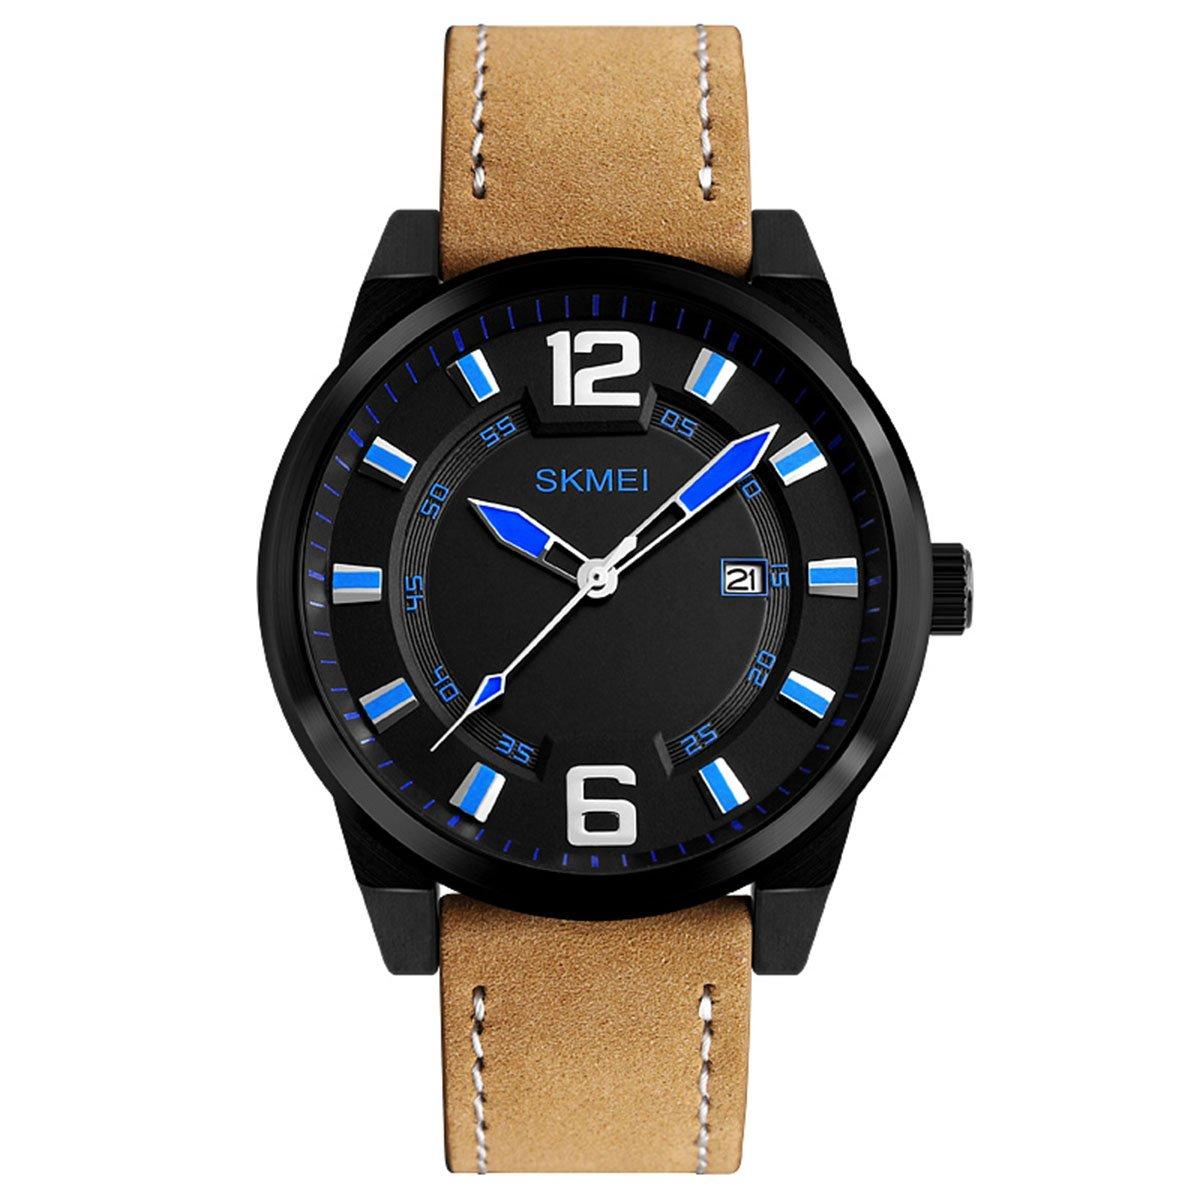 únicos marcadores azules de cuarzo analógico reloj de los hombres frescos grandes  números arábigos gran reloj de moda dial negro  Amazon.es  Relojes de4055a22af0